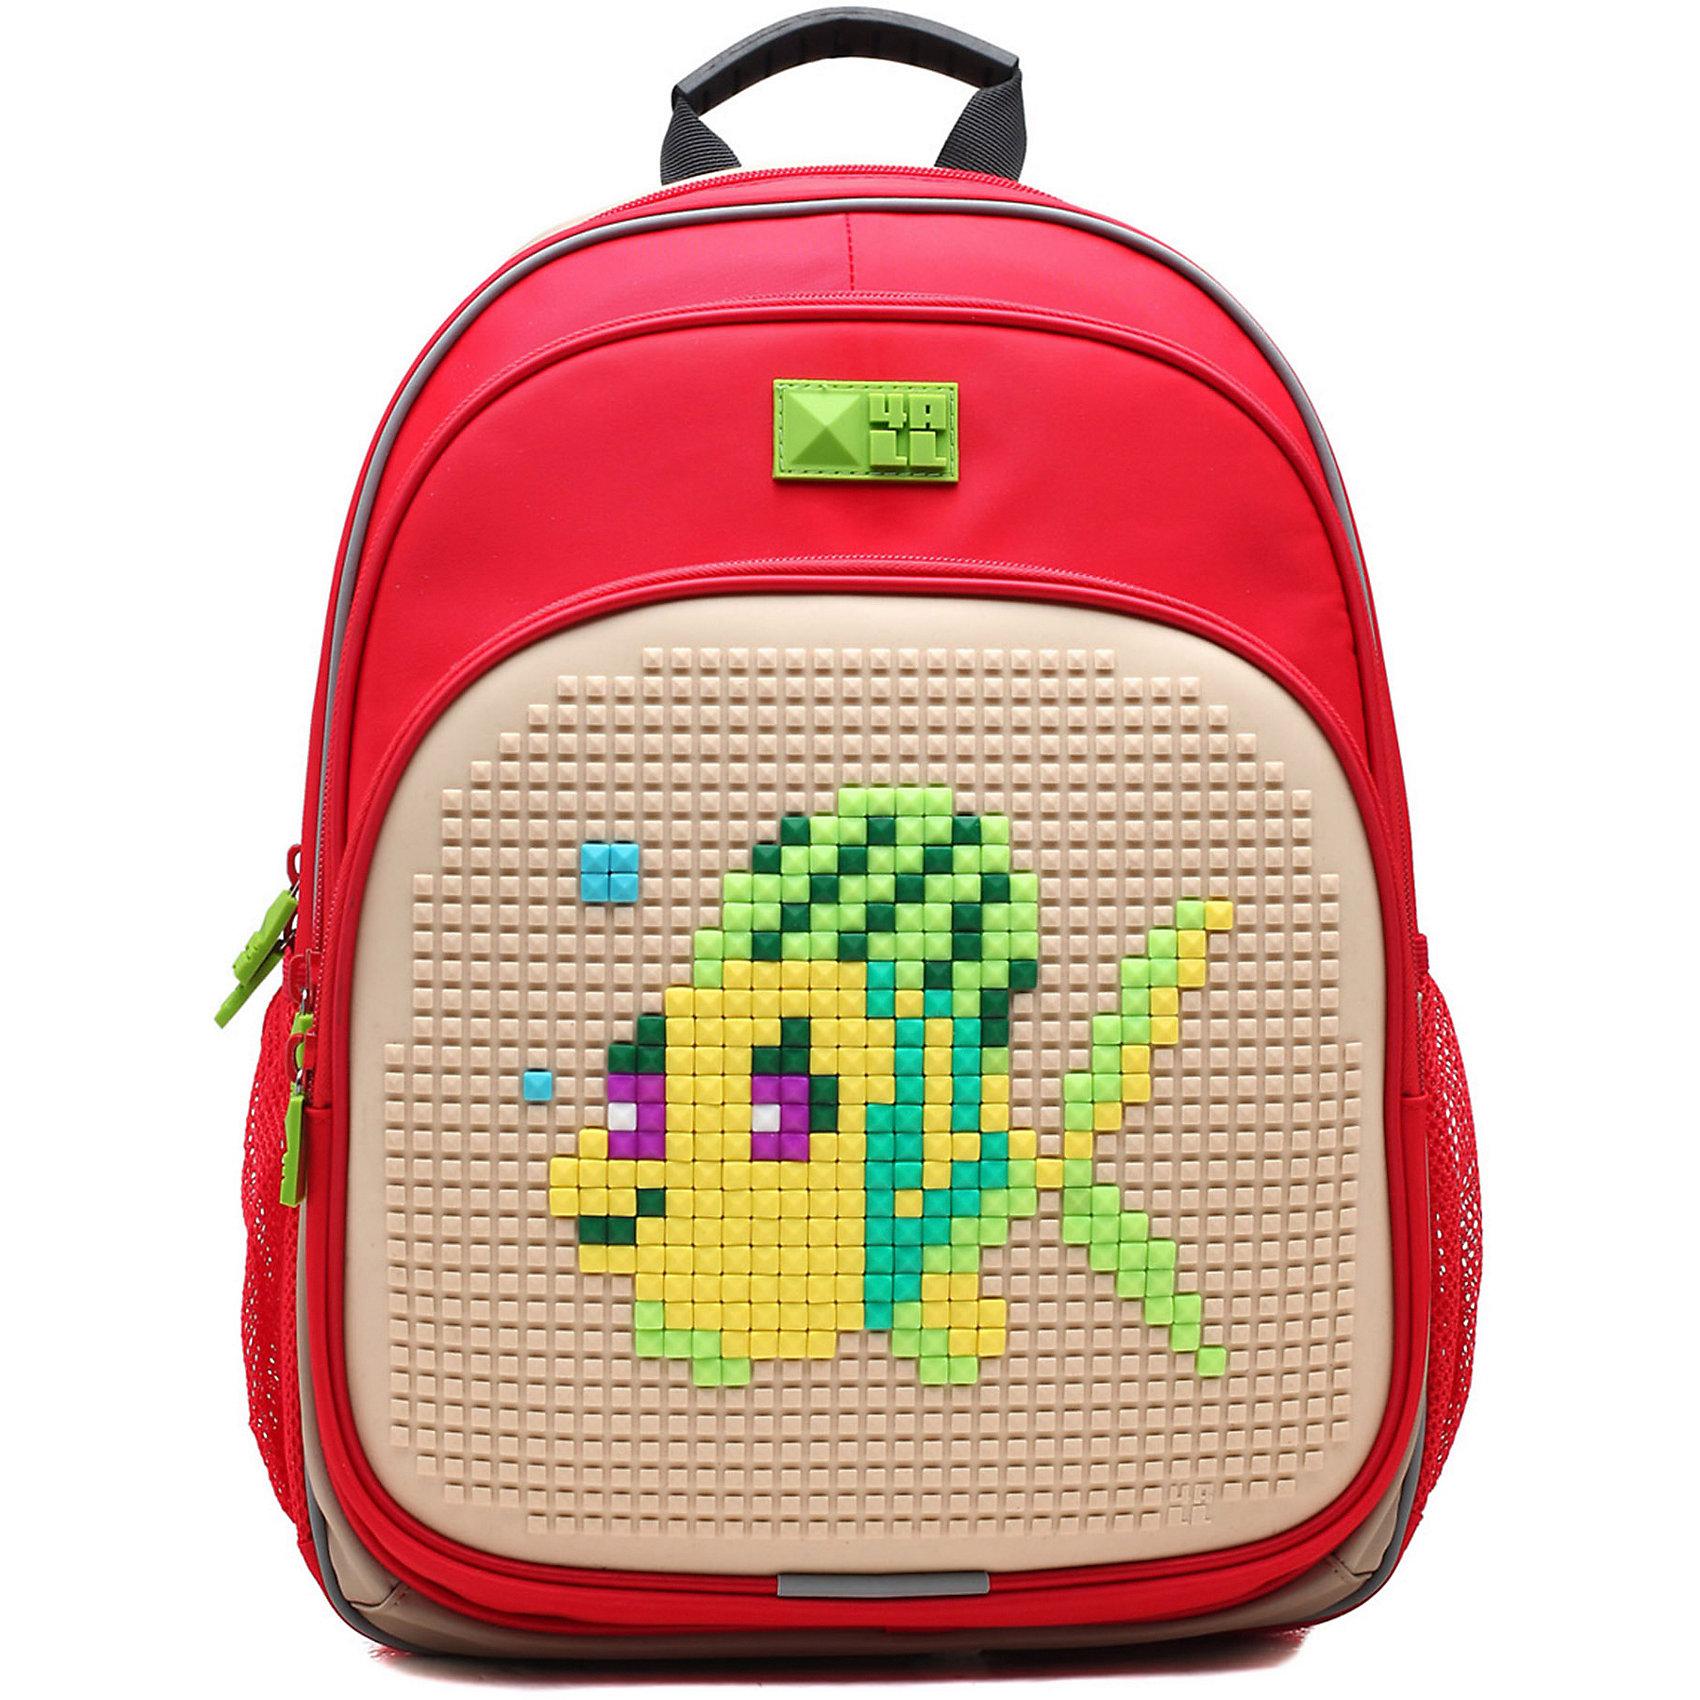 Рюкзак Kids, красно-сиреневыйРюкзак KIDS - это одновременно и яркий, функциональный школьный аксессуар, и безграничная площадка для самовыражения, способная подчеркнуть любой выбранный образ. С помощью уникальной силиконовой панели и набора пластиковых пикселей-битов можно декорировать фасад рюкзака, как угодно, полагаясь на свое воображение и вкус. А все материалы, задействованные при изготовлении, имеют специальную вода- и грязеотталкивающую пропитку, что гарантирует практичность, износостойкость и долговечность рюкзака.<br><br>Такой современный и интересный ранец будет прекрасным подарком к 1 сентября!<br><br>Особенности:<br>AIR COMFORT system:<br>- Система свободной циркуляции воздуха между задней стенкой рюкзака и спиной ребенка.<br>- Совместно с ортопедической спиной ERGO system эта система воздухообмена делает ежедневное использование рюкзаков KIDS безопасным для здоровья и максимально комфортным!<br>ERGO system:<br>- Разработанная нами система ERGO служит равномерному распределению нагрузки на спину ребенка. Она способна сделать рюкзак, наполненный учебниками, легким. ERGO служит сохранению правильной осанки и заботится о здоровье позвоночника!<br>Ортопедическая спина:<br>- Важное свойство наших рюкзаков - ортопедическая спина! Способна как корсет поддерживать позвоночник, правильно распределяя нагрузку, а так же обеспечивает циркуляцию воздуха между задней стенкой рюкзака и спиной ребенка!<br>А также:<br>- Гипоаллергенный силикон;<br>- Водоотталкивающие материалы;<br>- Устойчивость всех материалов к температурам воздуха ниже 0!<br><br>Дополнительная информация:<br><br>- Рюкзак уже содержит 1 упаковку разноцветных пикселей-битов (300 шт.) для создания картинок<br>- Цвет: красно-сиреневый;<br>- Объем рюкзака: 22 л.<br>- Размер в упаковке: 39х27х15 см.<br>- Вес в упаковке: 950 г.<br><br>Рюкзак Kids в  красно-сиреневом цвете , можно купить в нашем магазине.<br><br>Ширина мм: 390<br>Глубина мм: 270<br>Высота мм: 150<br>Вес г: 950<br>Возраст от месяцев: 36<br>Воз